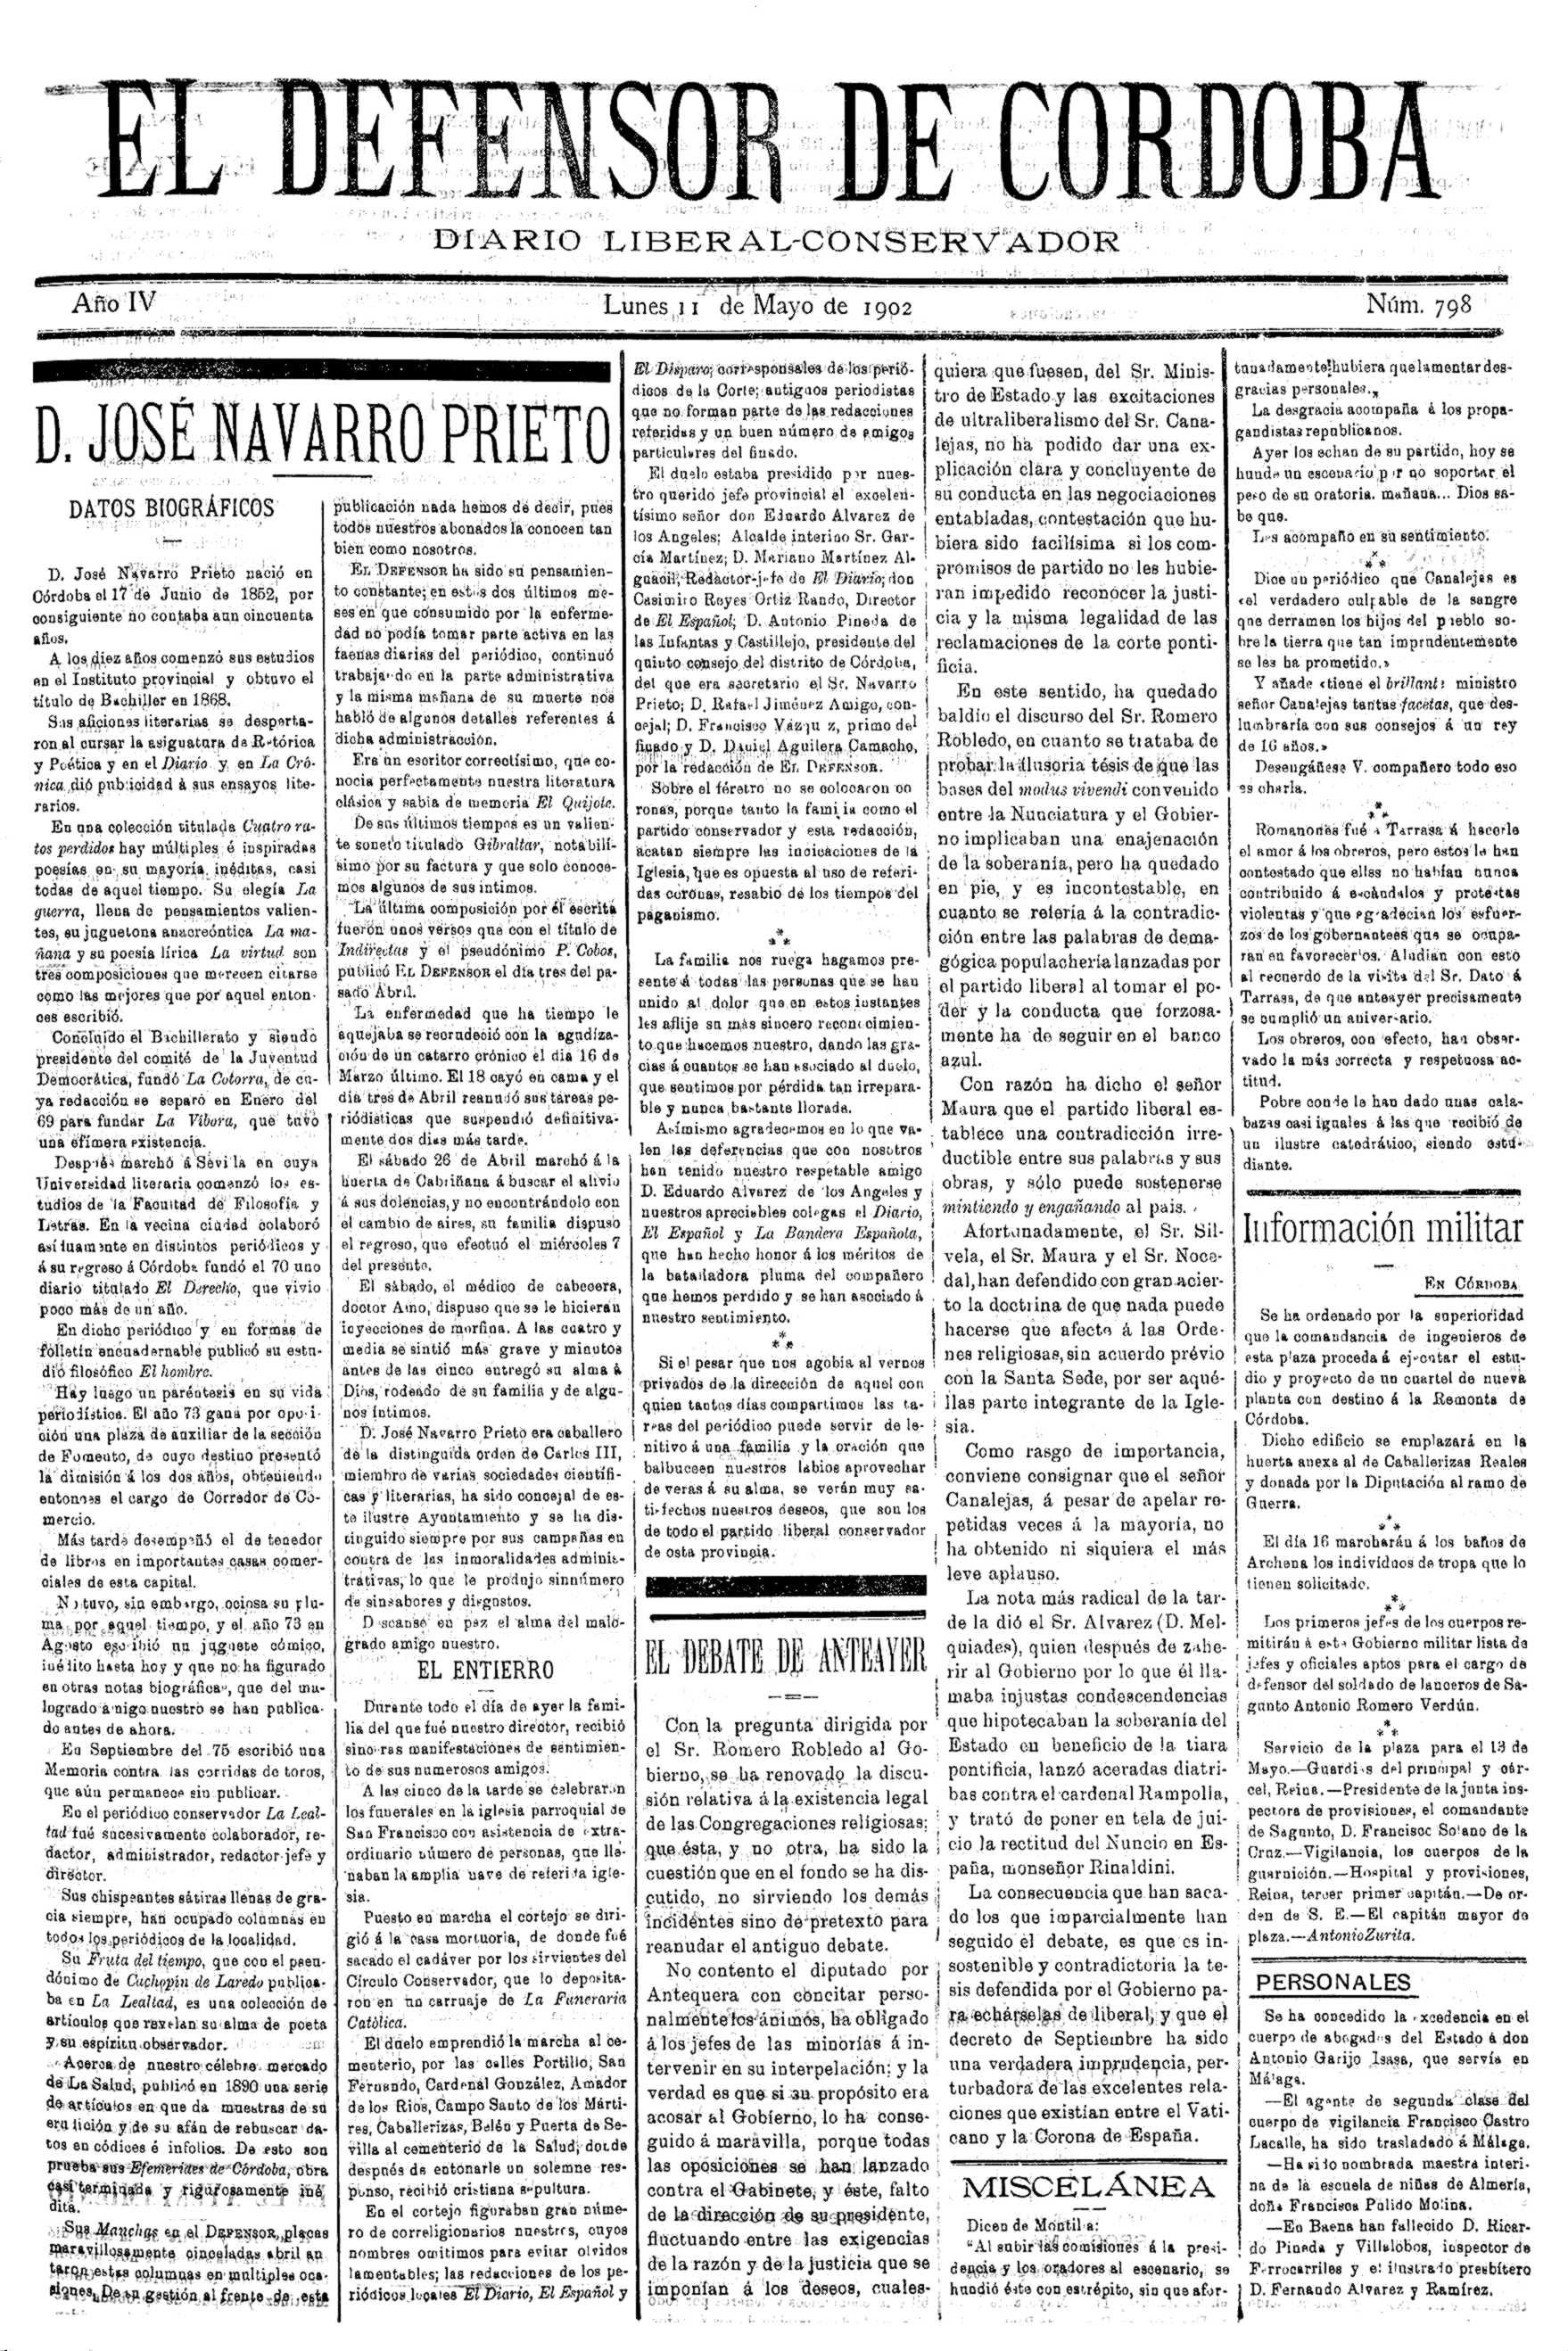 """Noticia biográfica de José Navarro Prieto en la que su faceta anarquista la define simplemente como """"paréntisis en apoyo vida periodística"""" ..."""